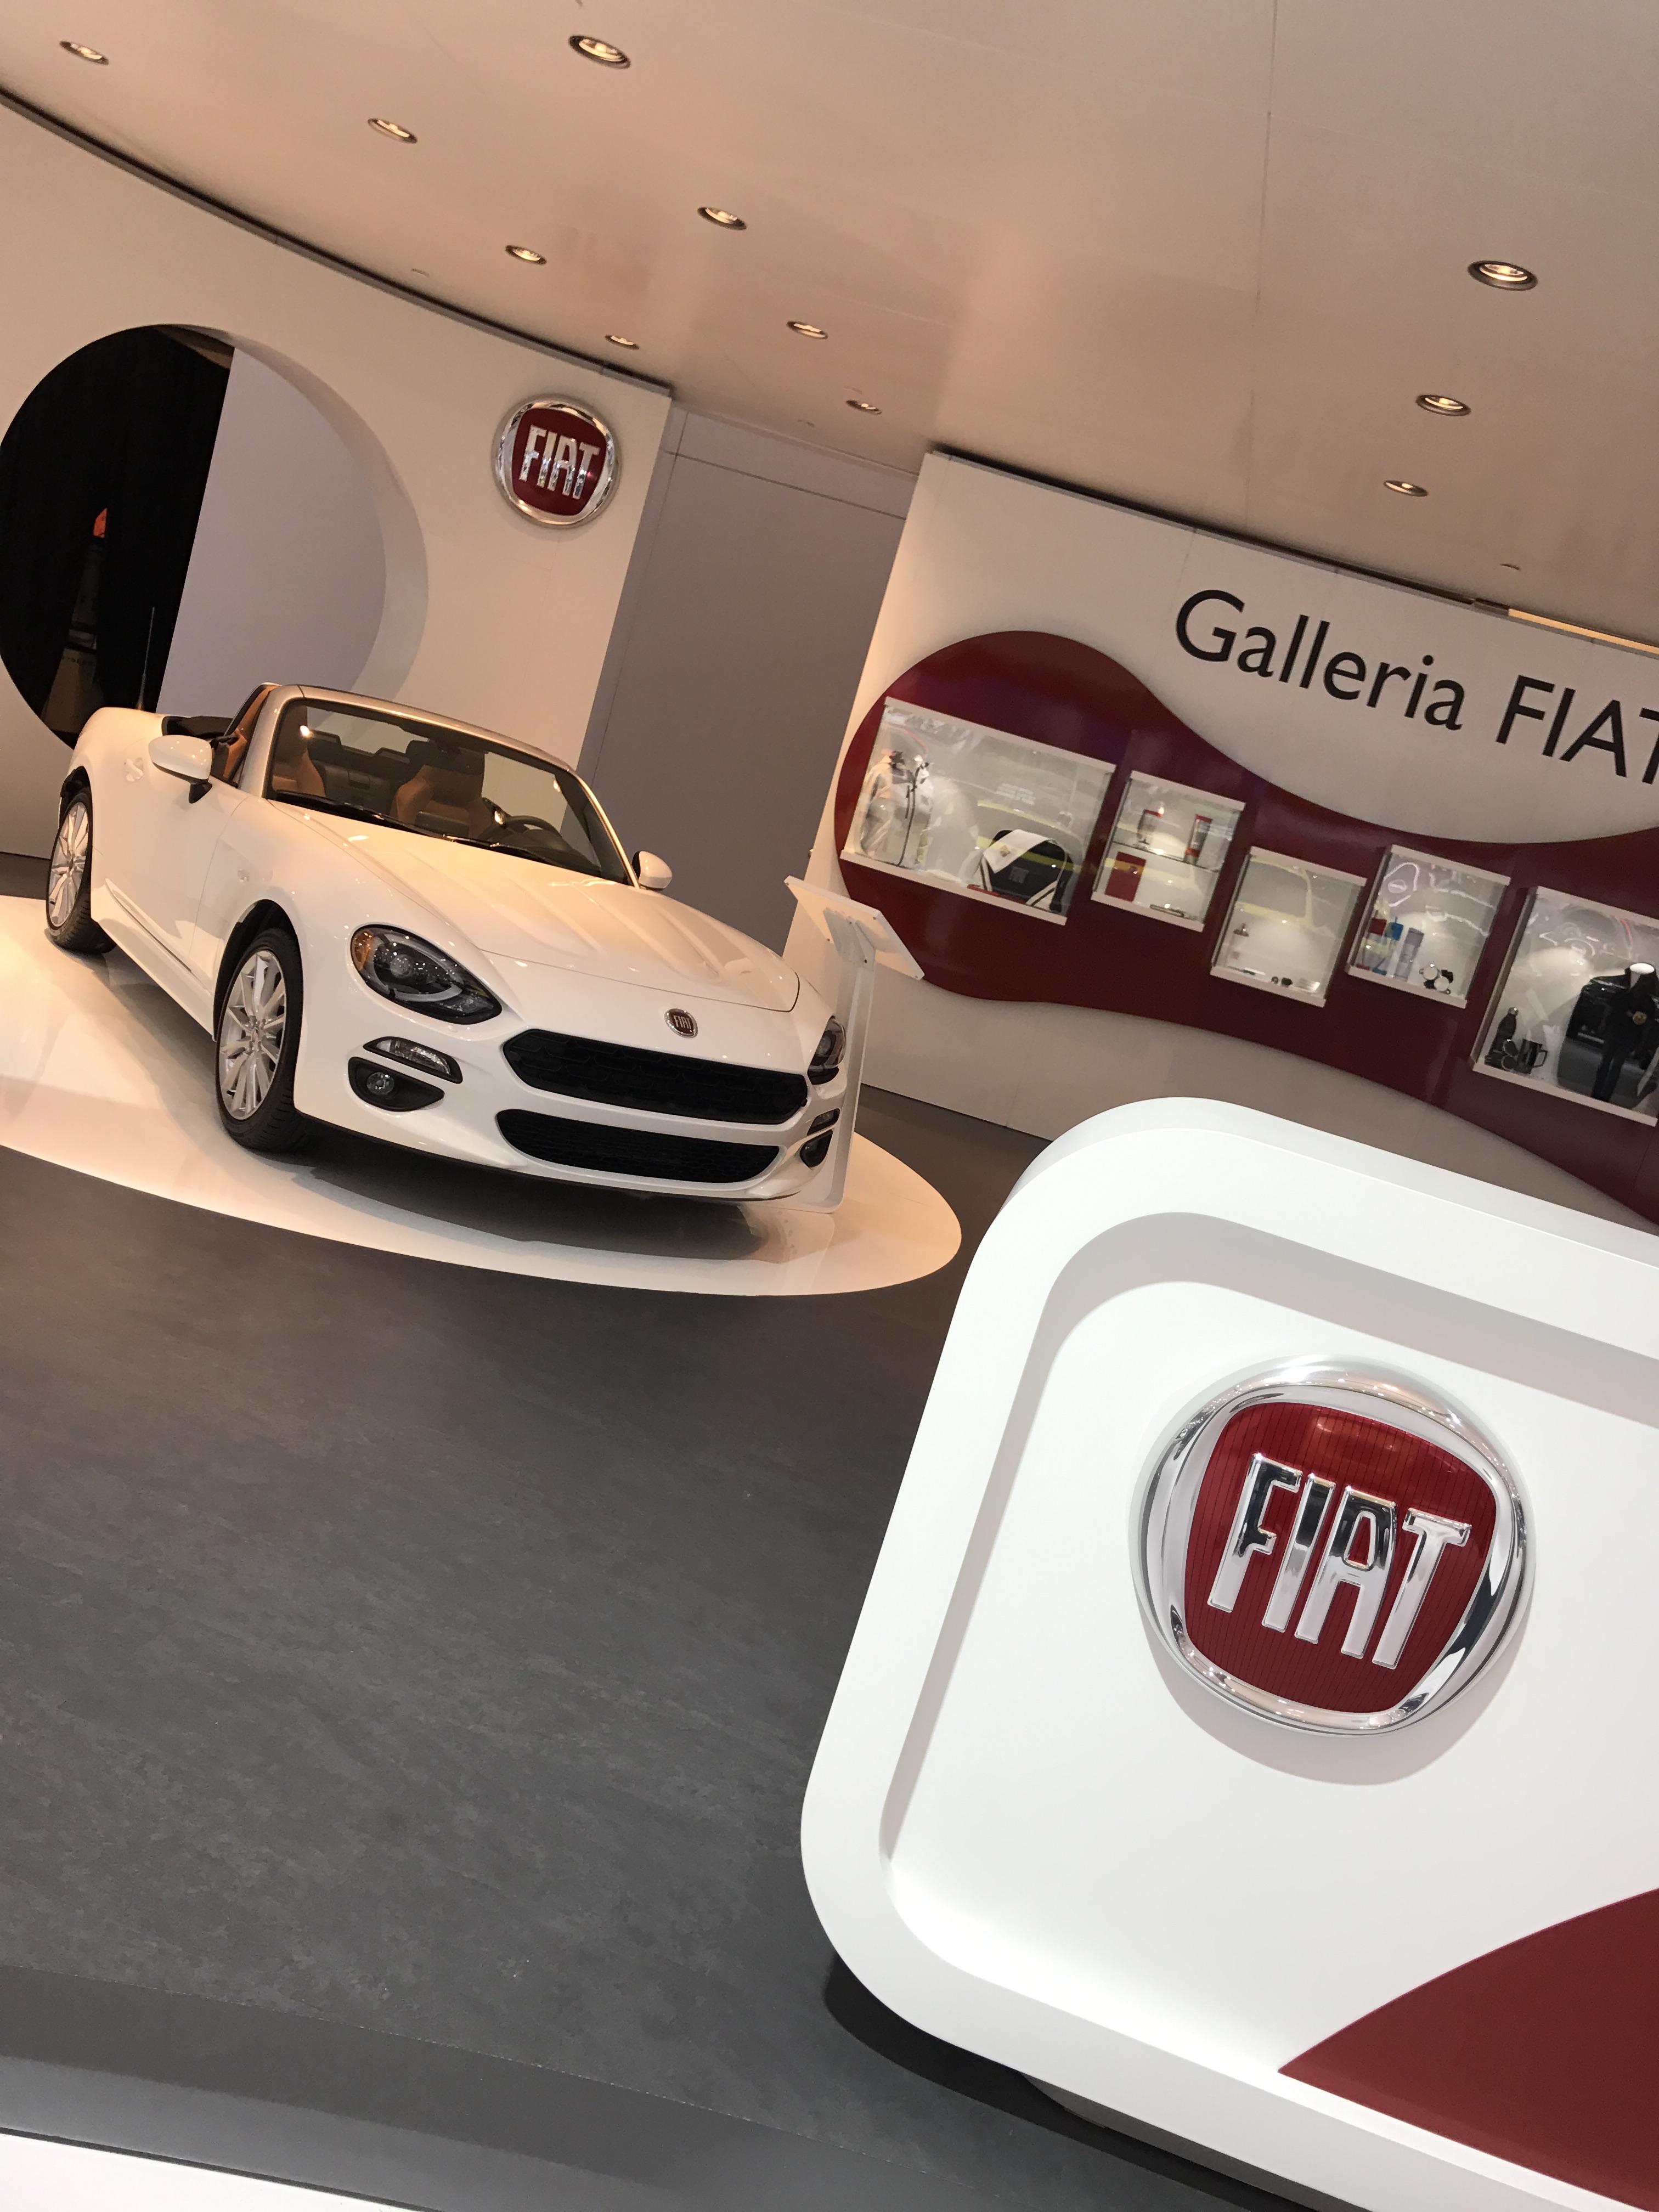 Fiat - Canadian International Autoshow #CIAS2017